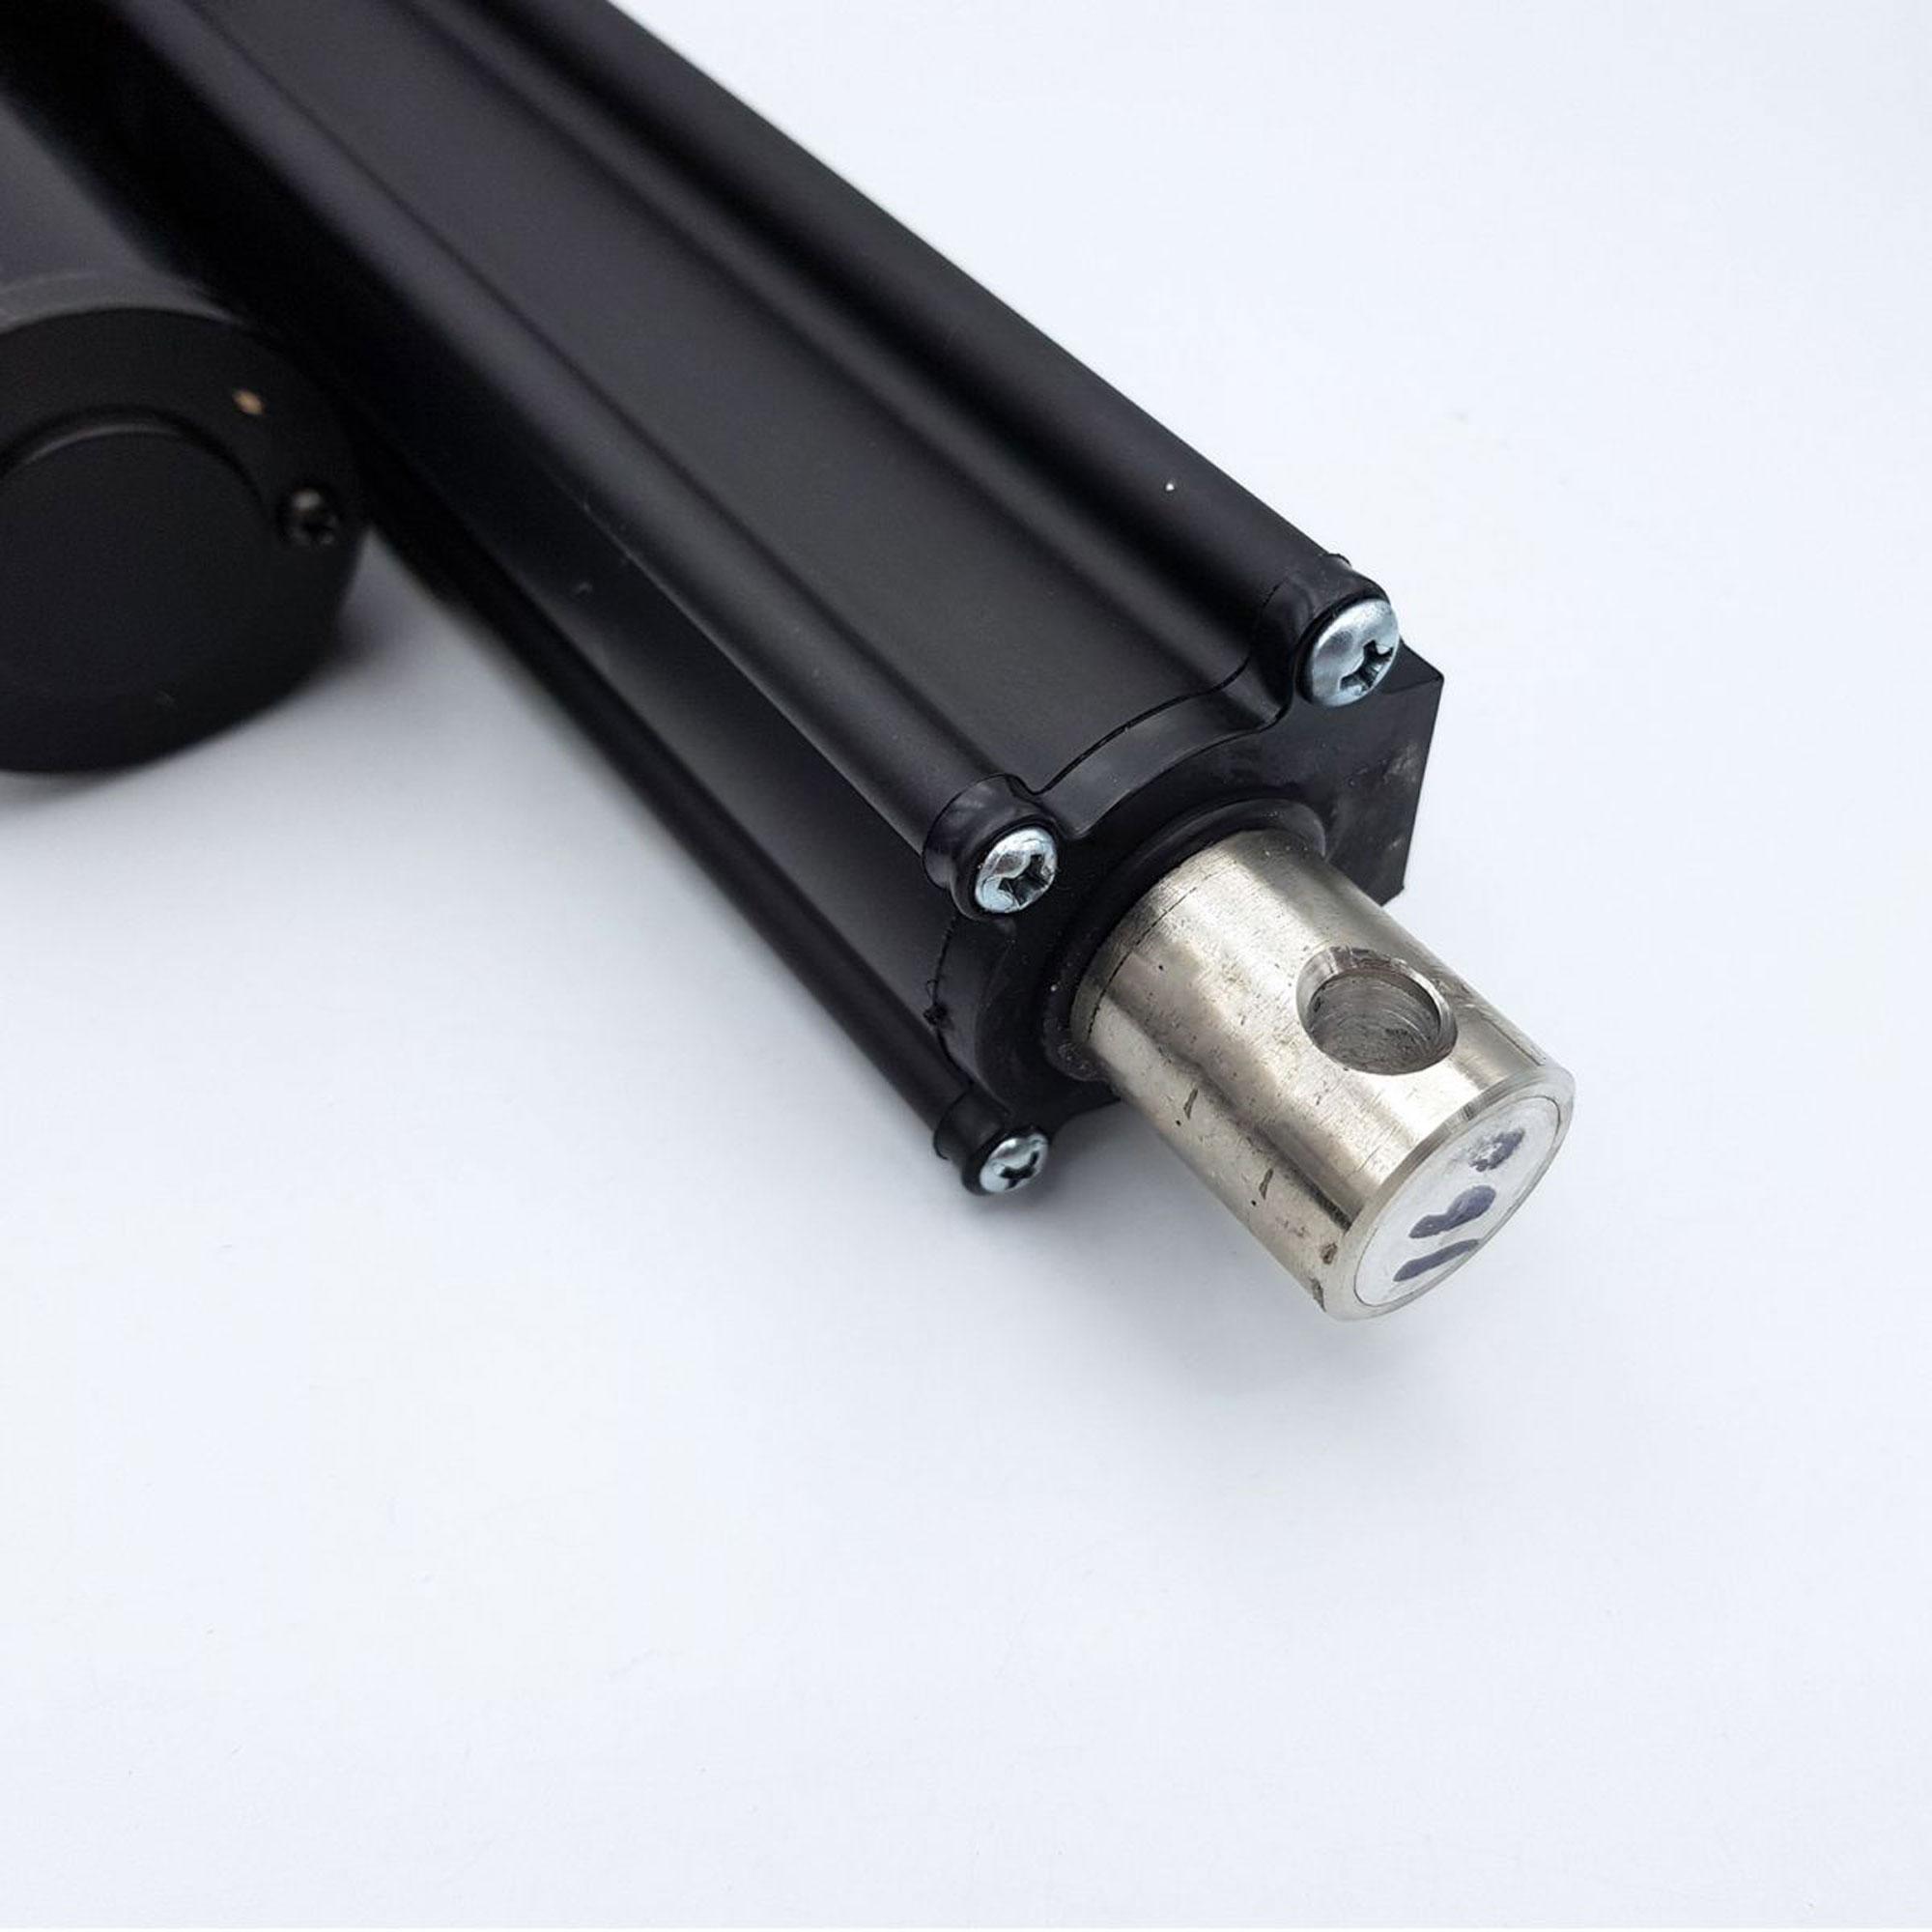 Phần đầu Xi lanh điện 24V có lực nâng 2500N